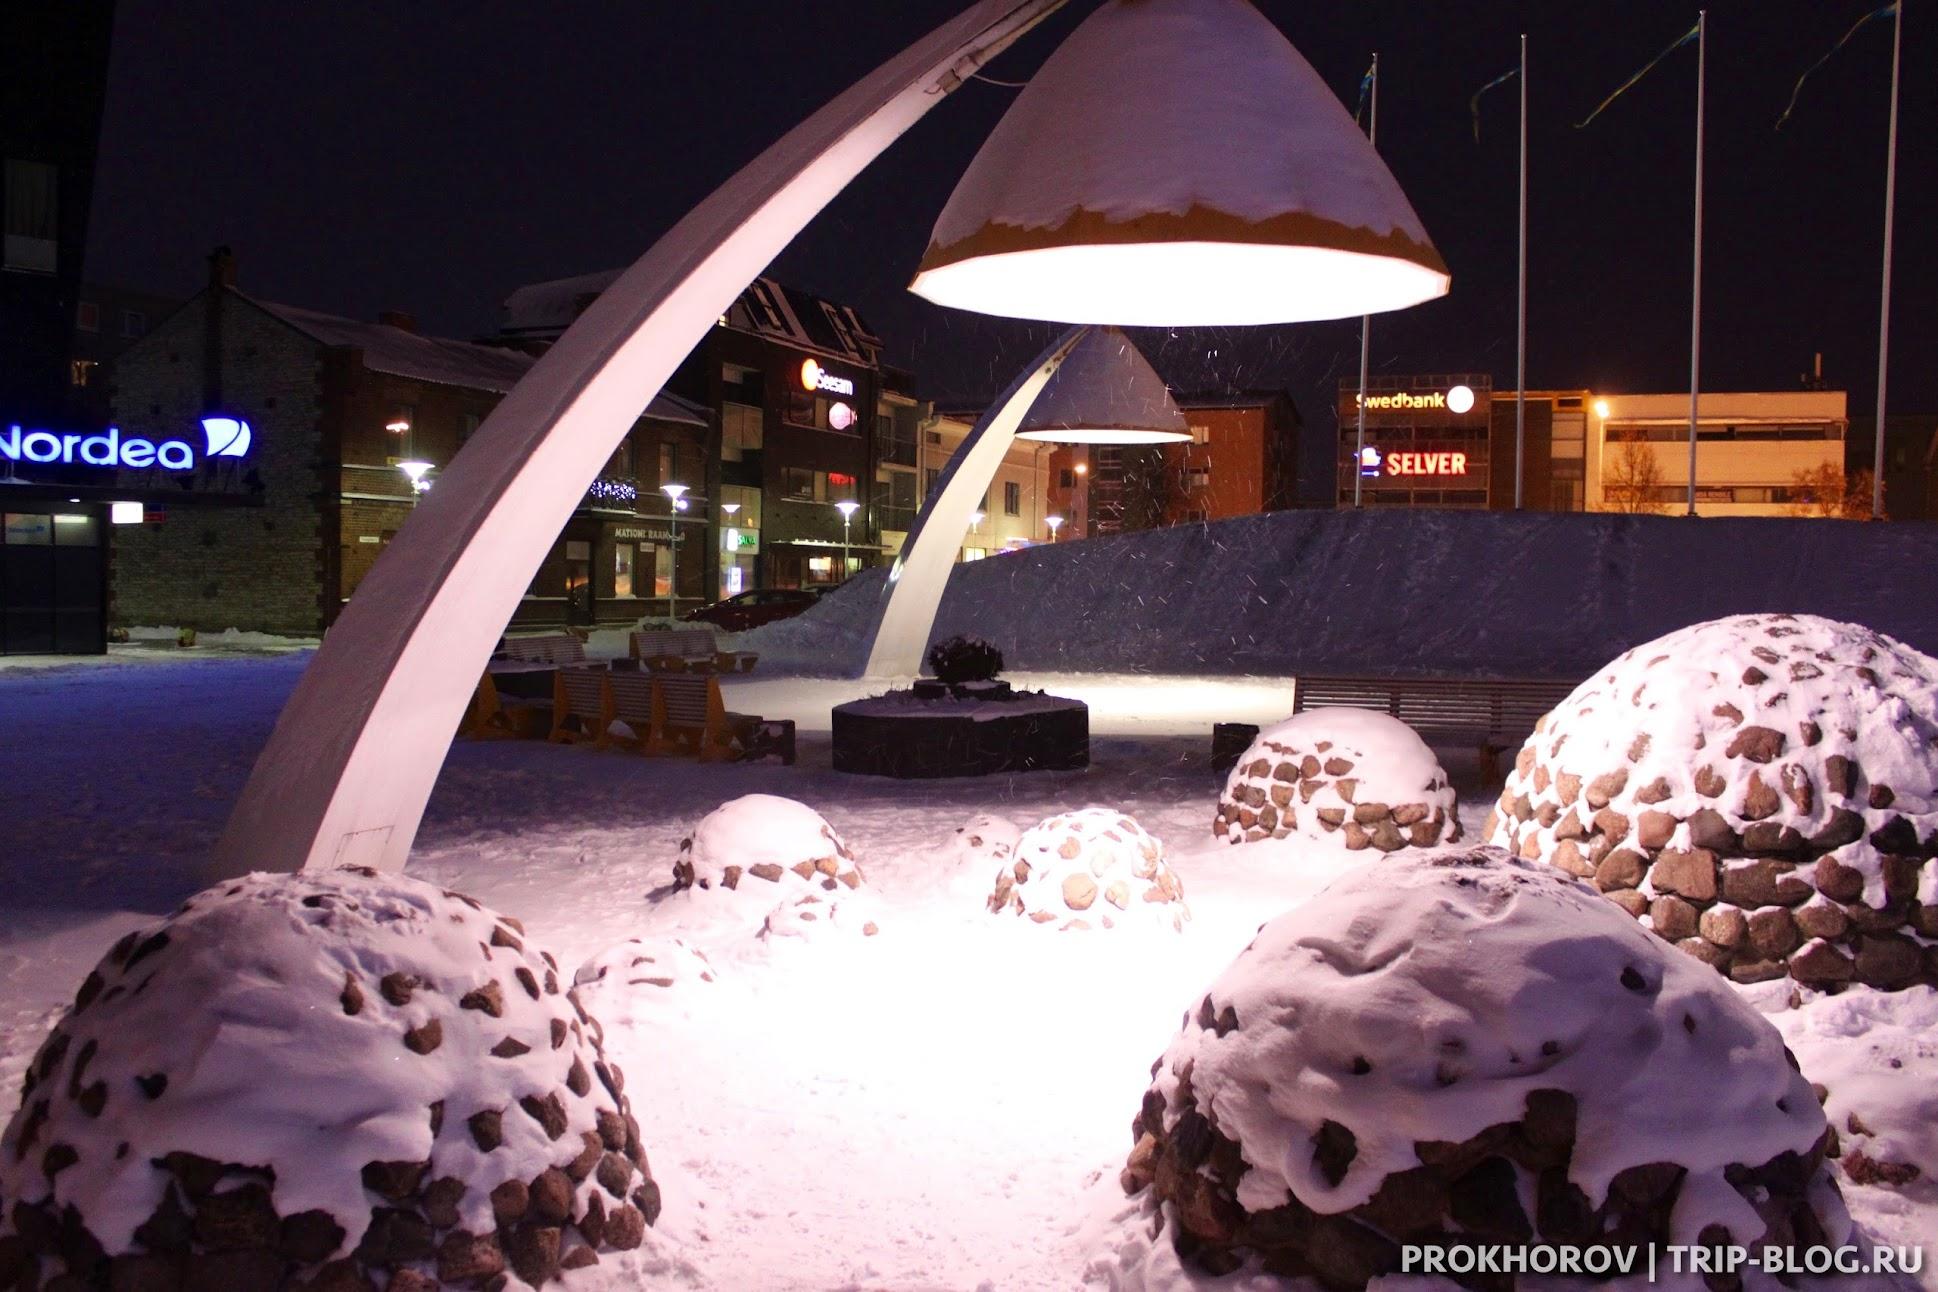 Освещение на рыночной площади Turu plats